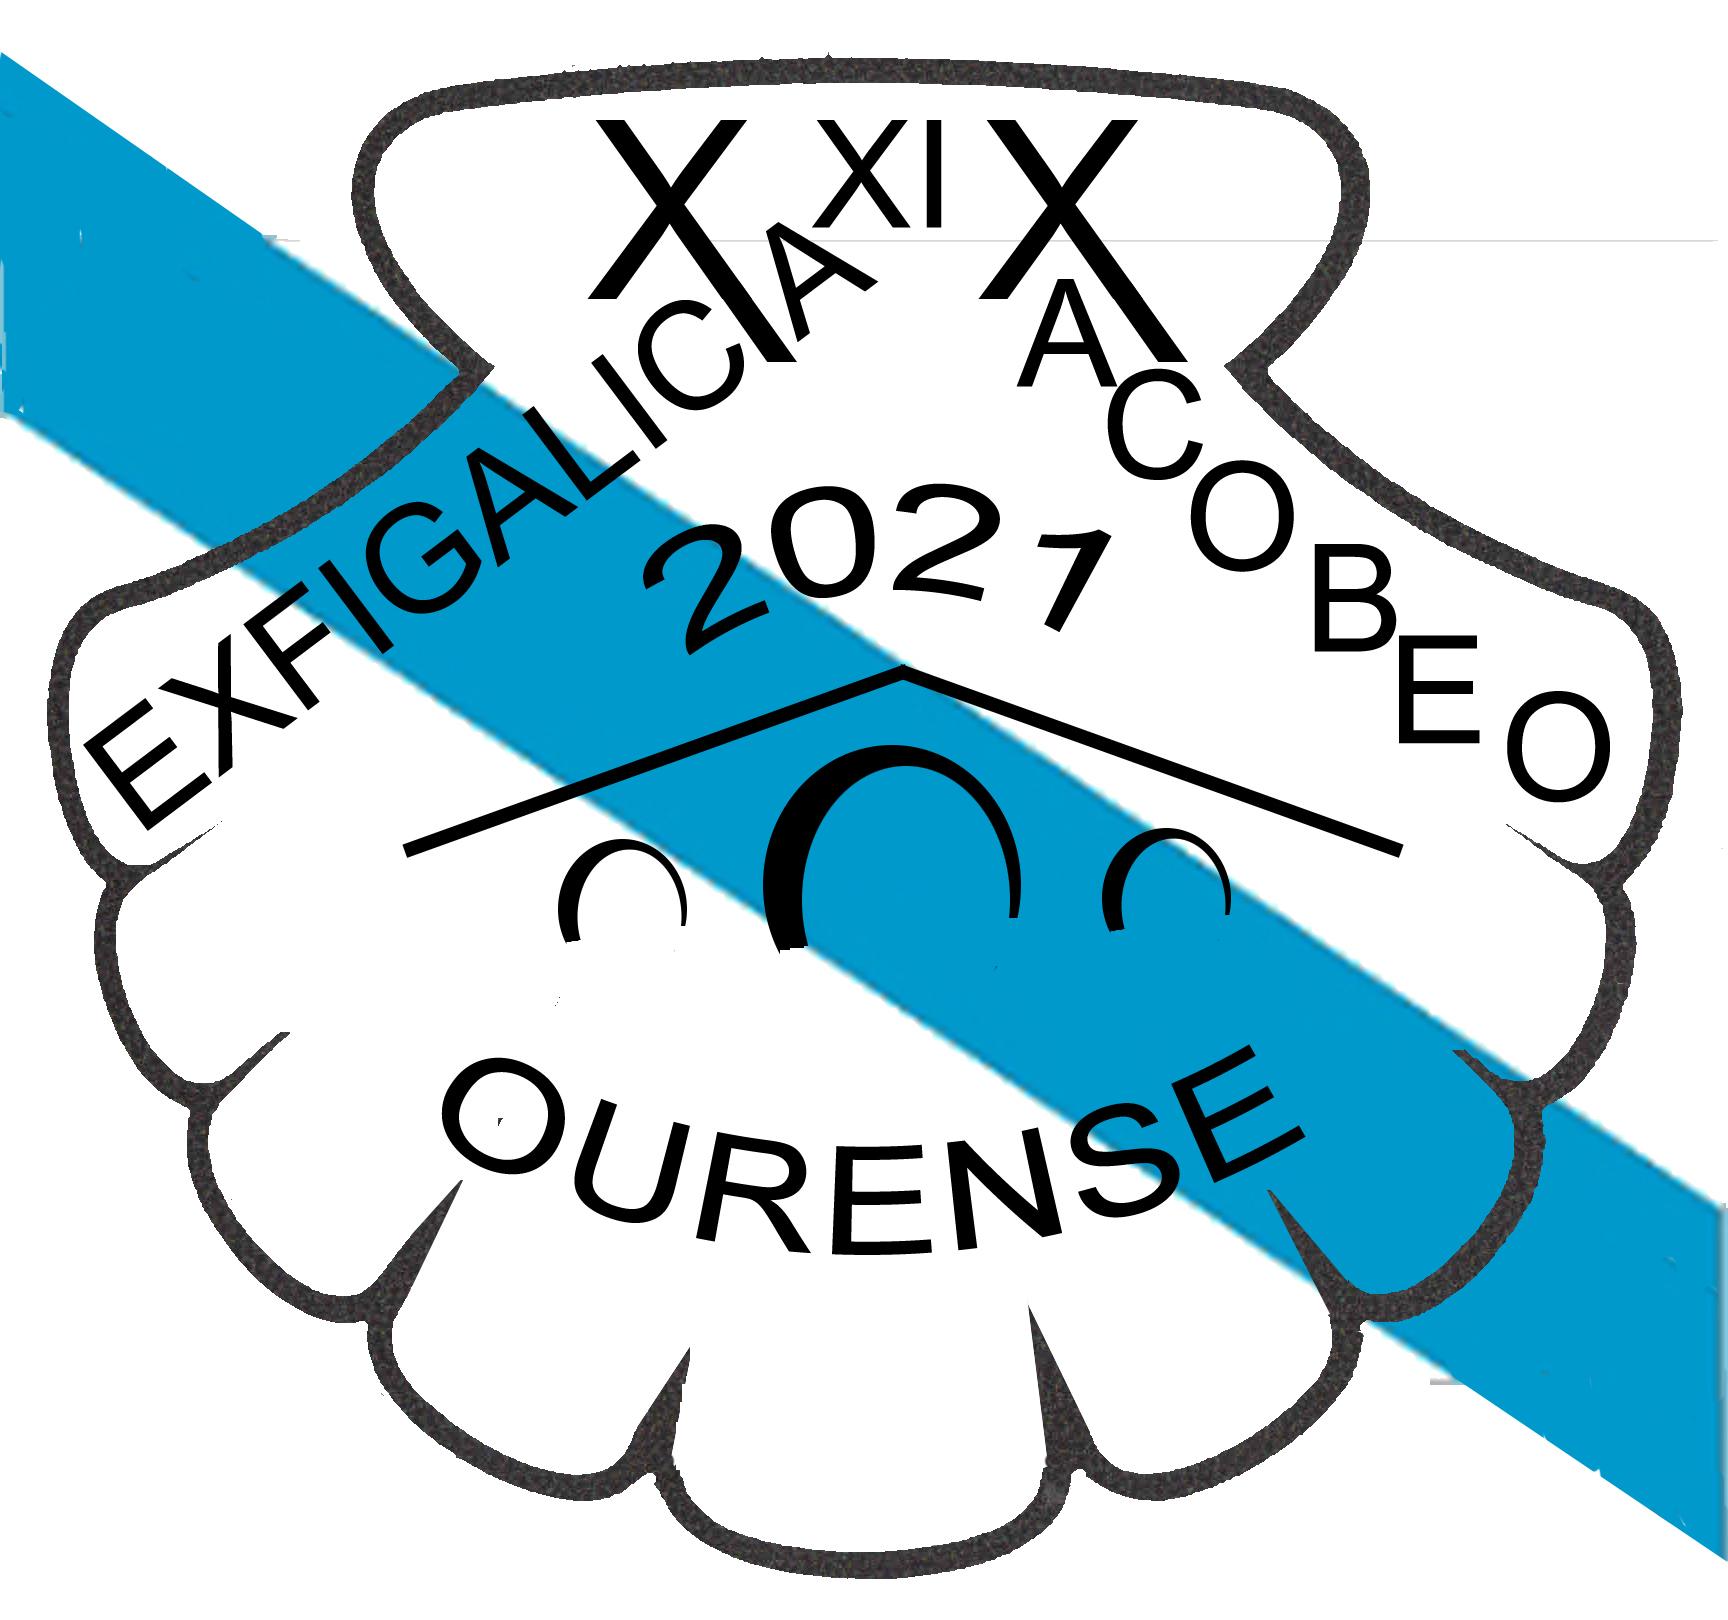 logo-exfigalicia-2021-color-2